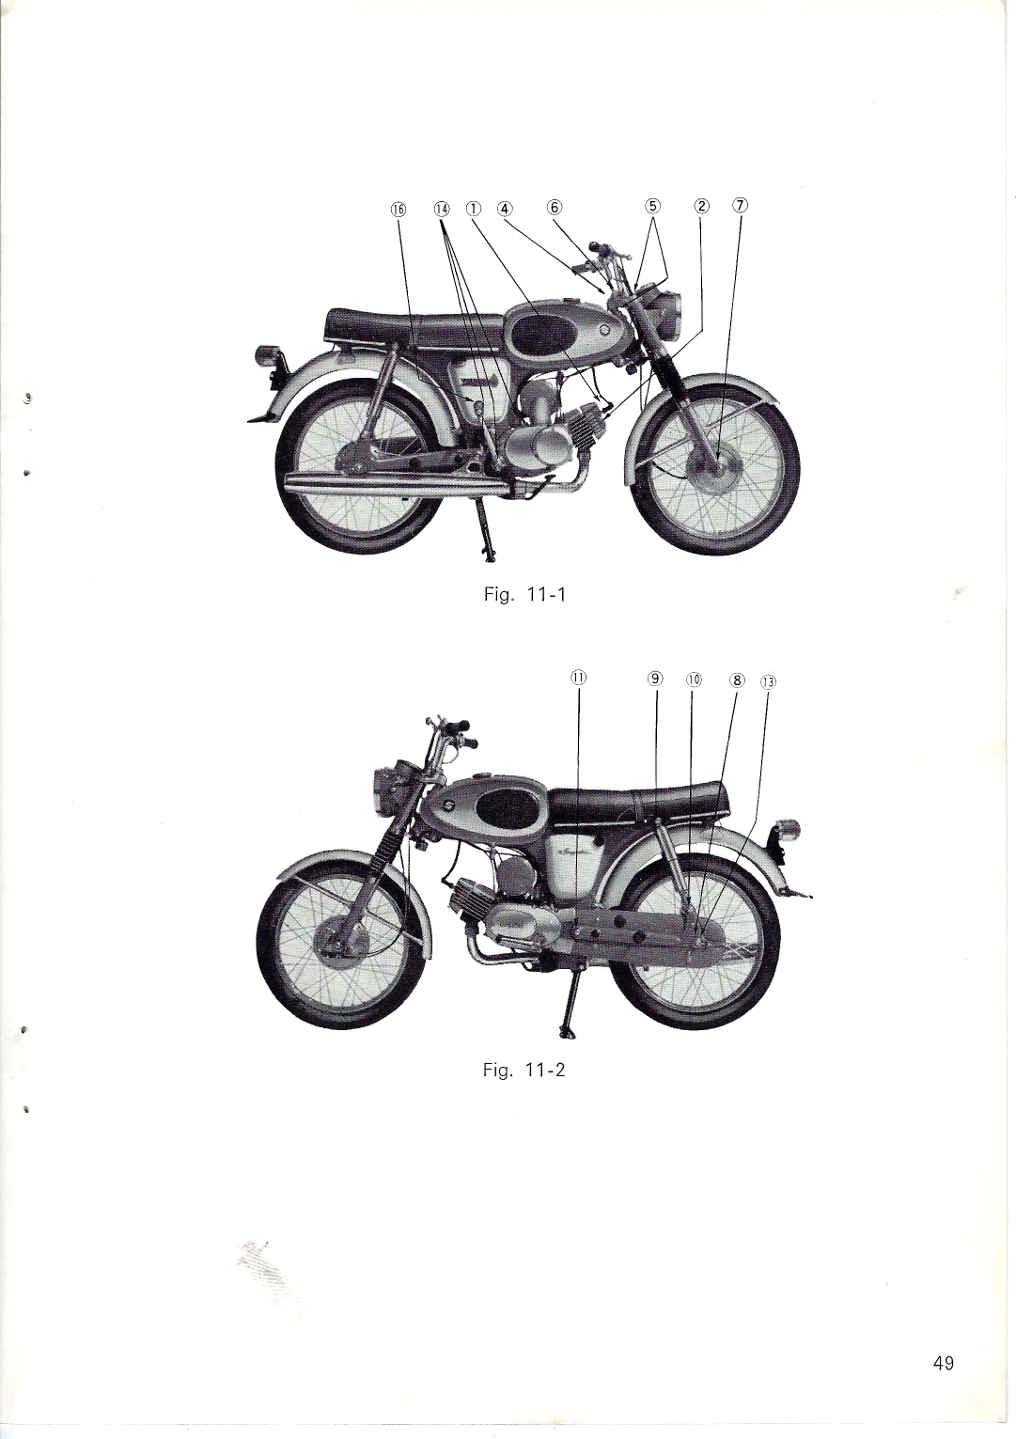 Suzuki A100 Service Manual